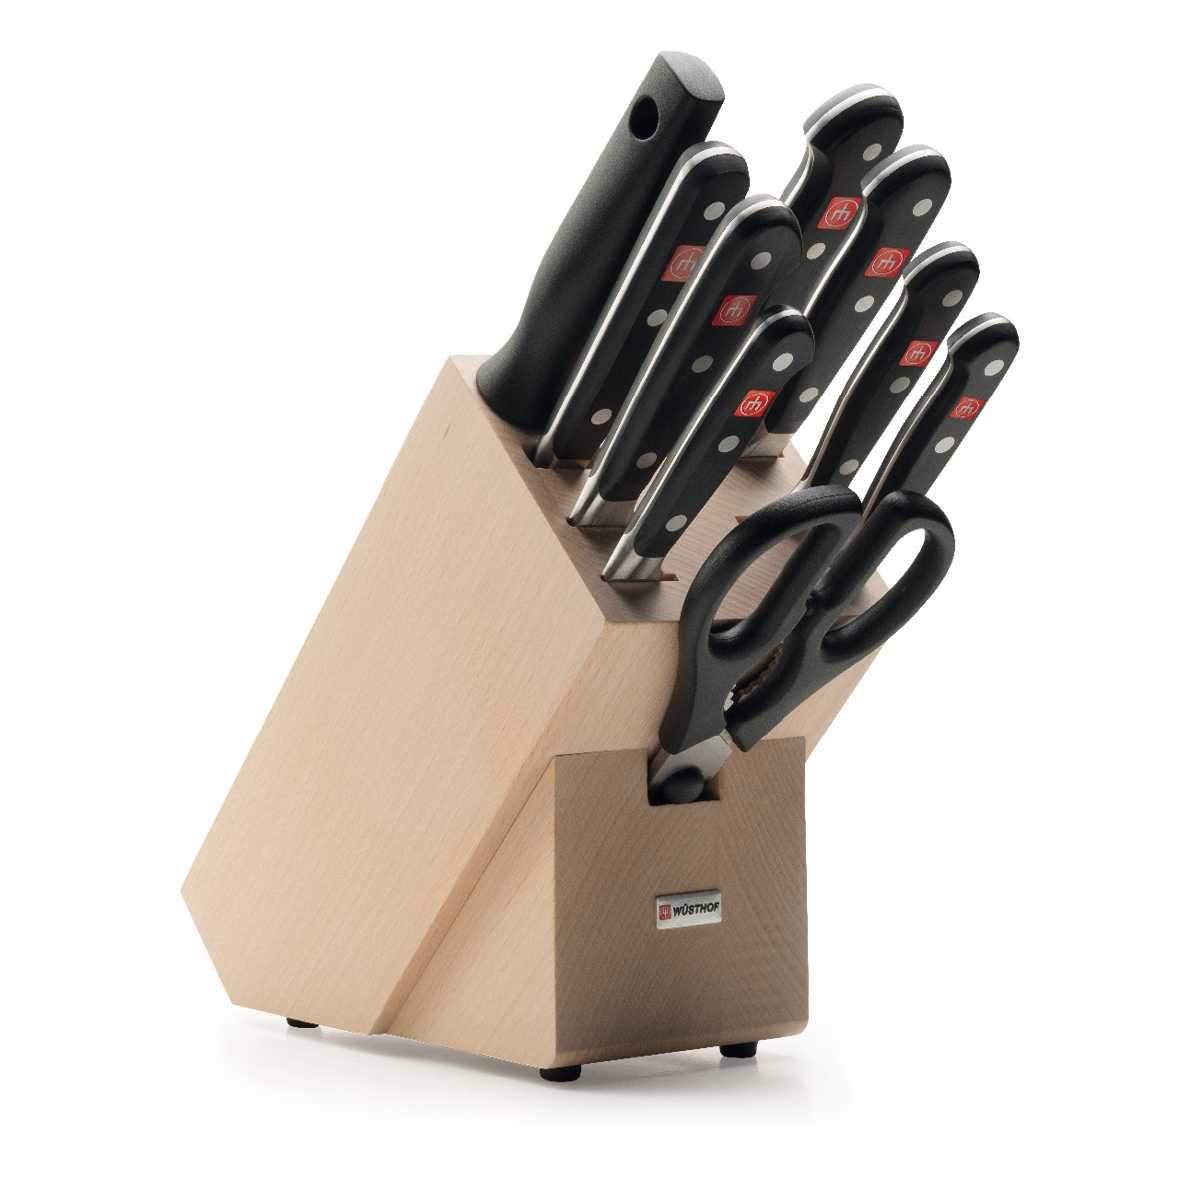 Онлайн каталог PROMENU: Набор ножей с блоком Wuesthof Classic, светло-коричневый, 10 предметов Wuesthof 9842